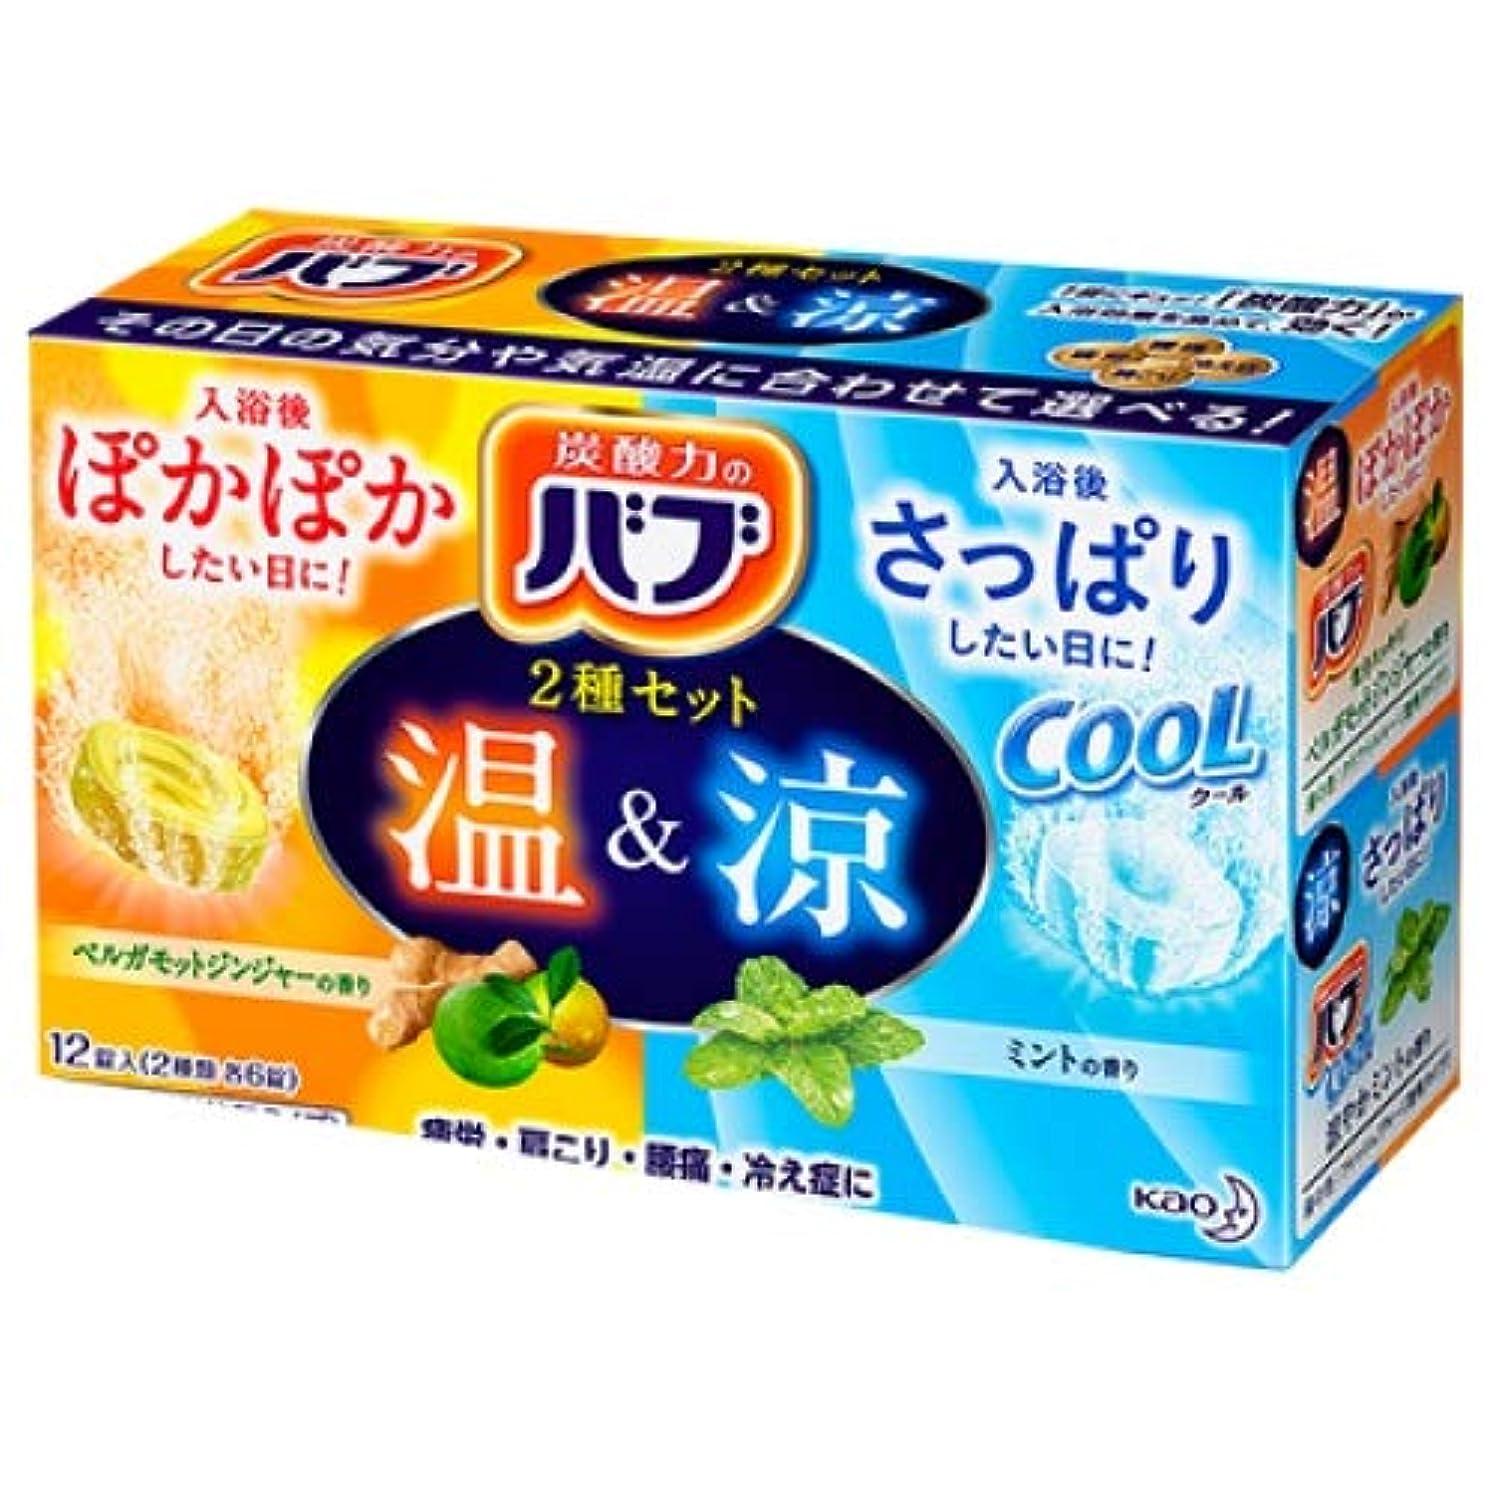 輝度伝染性びっくりするバブ 2種選べる 温&涼セット 40g×12錠 [医薬部外品]